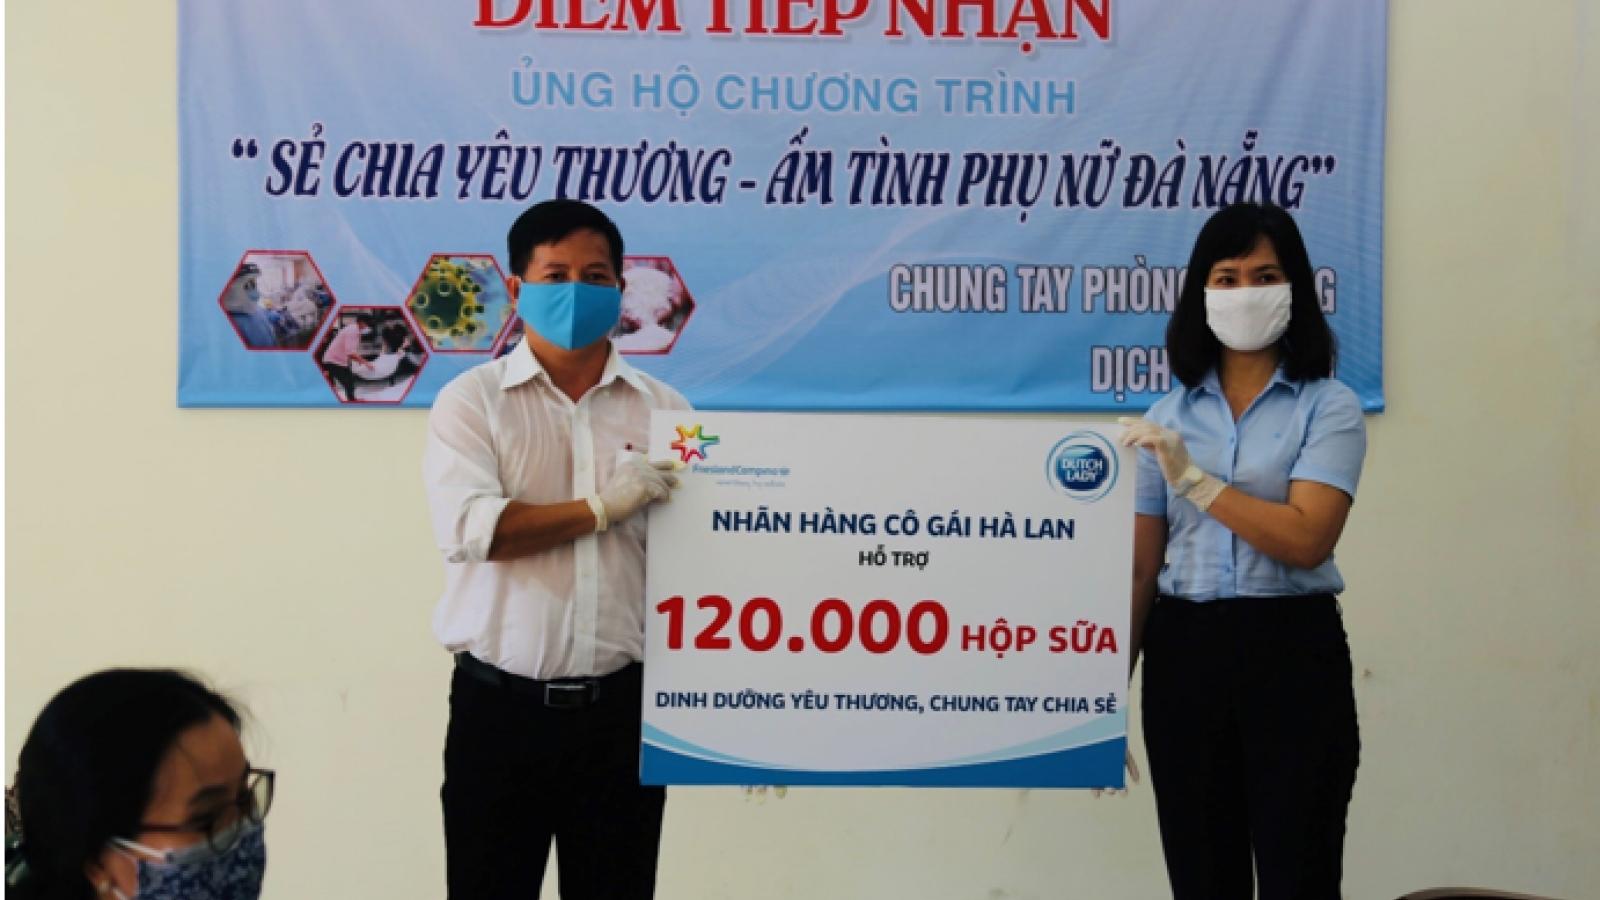 Cô gái Hà Lan chia khó cùng Đà Nẵng với hàng trăm ngàn sản phẩm sữa